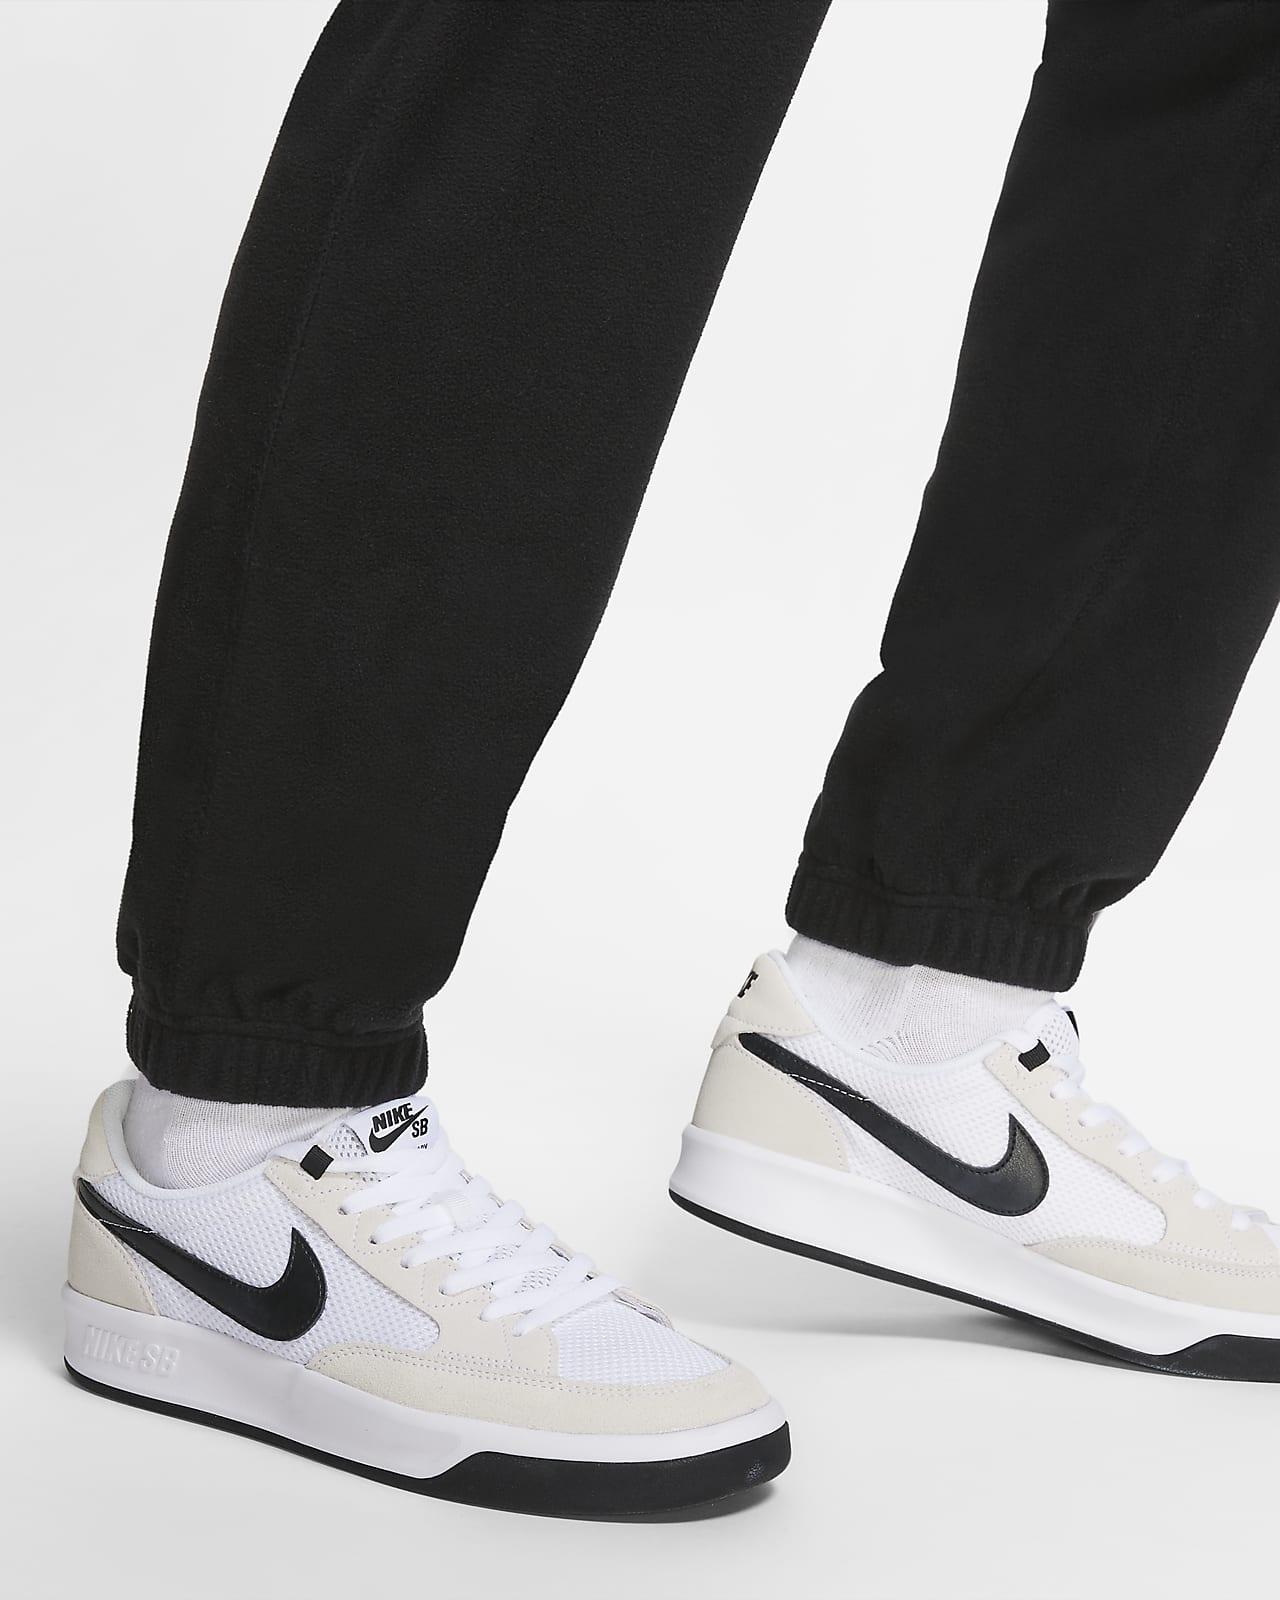 Nike SB skatebukse i cargomodell til herre